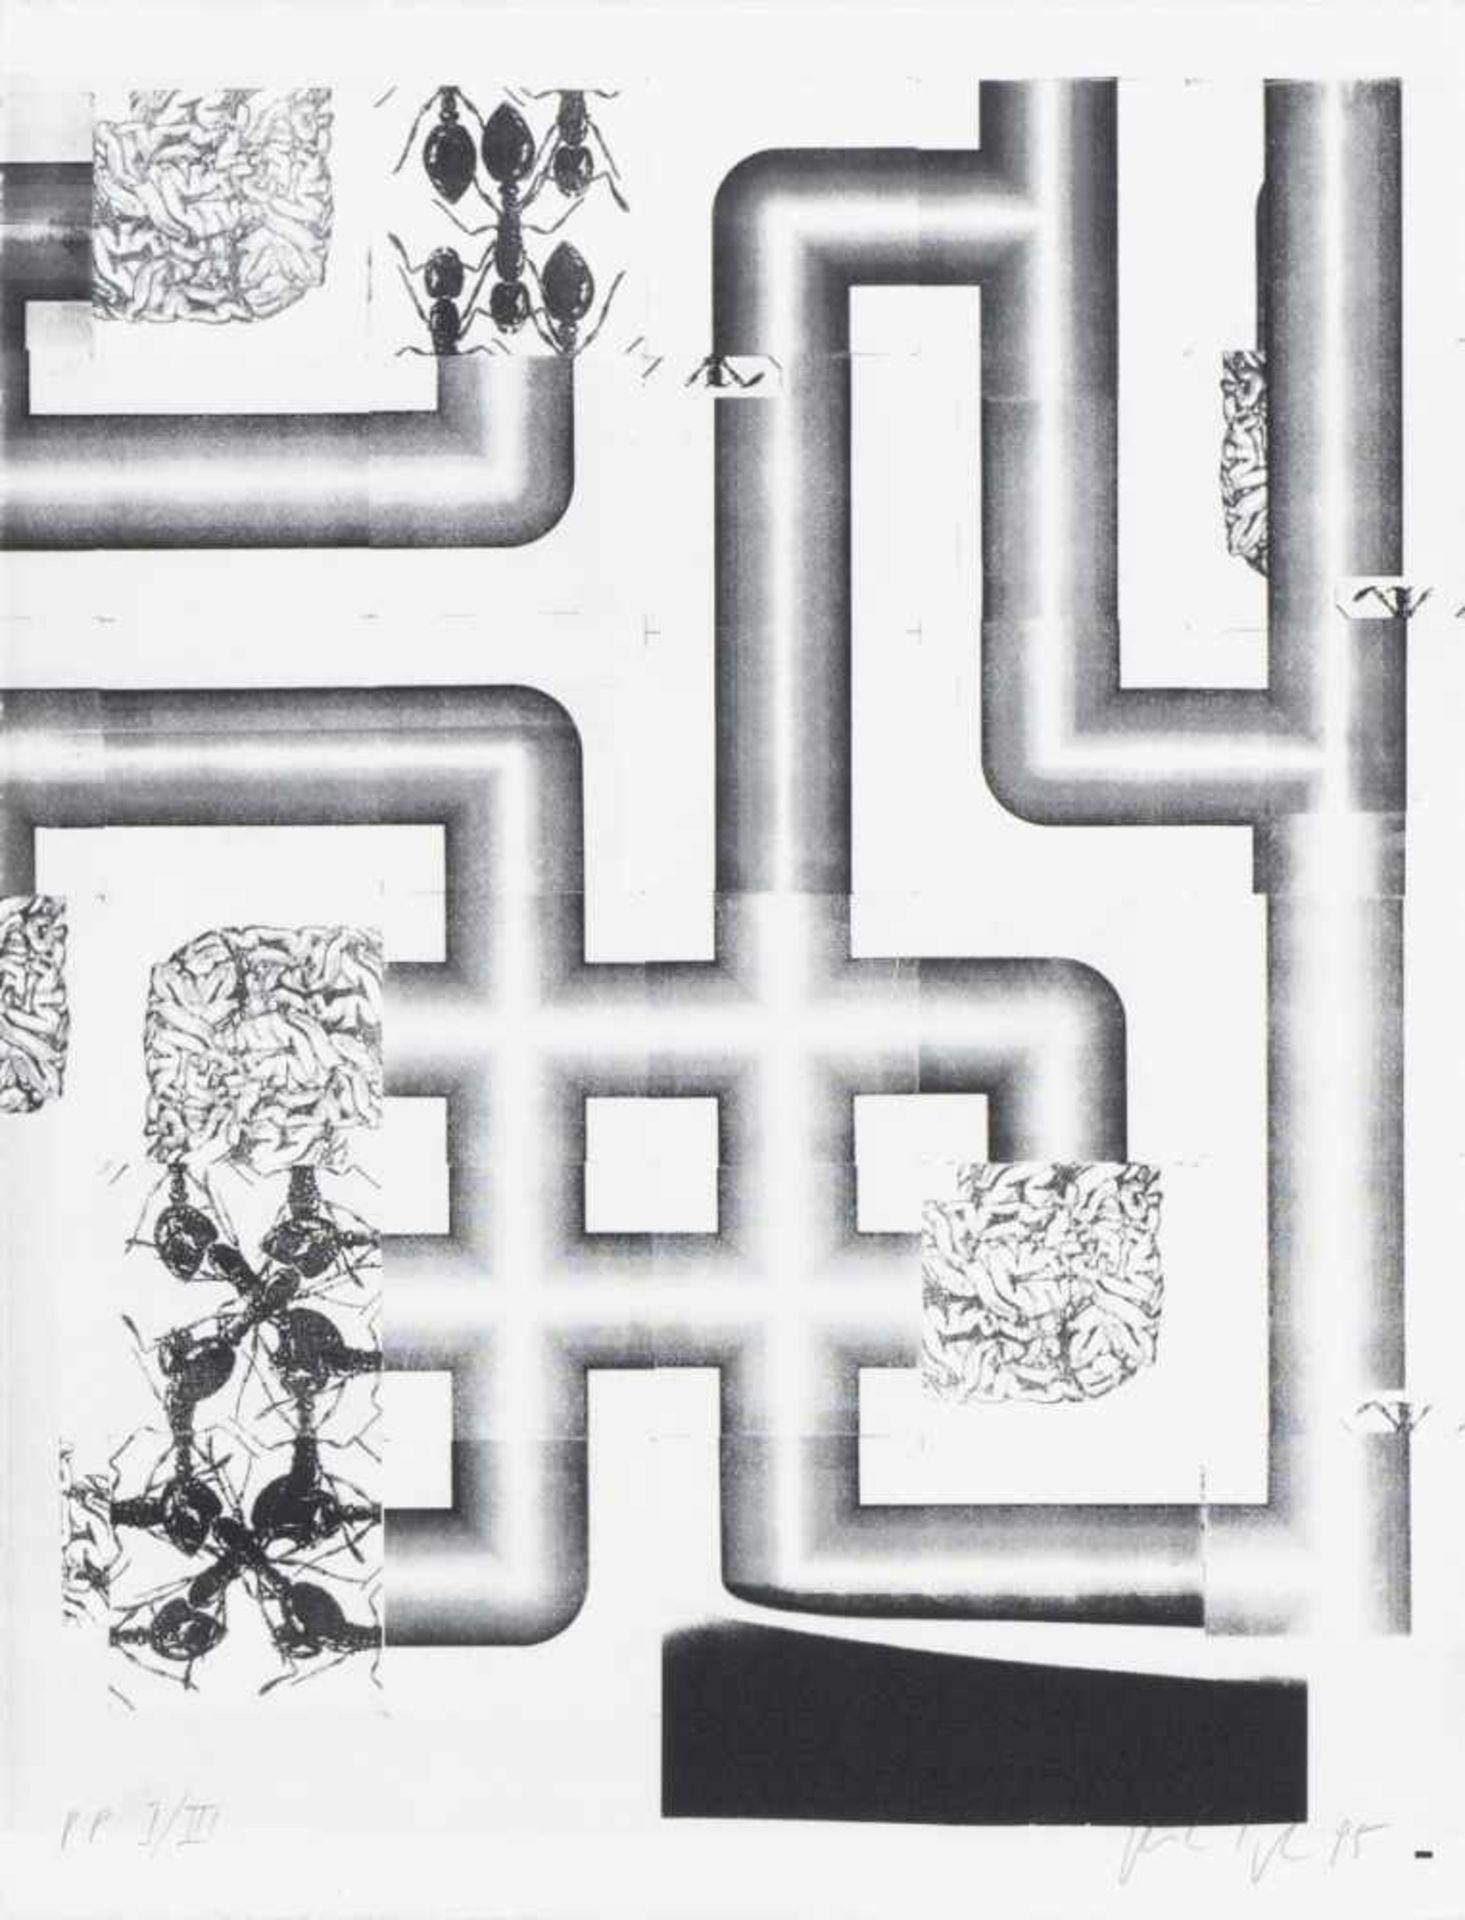 PETER KOGLER(1959 INNSBRUCK)PORTFOLIO (Ameisen), 1995Sieben zweifarbige Siebdrucke auf Arches - Bild 3 aus 8